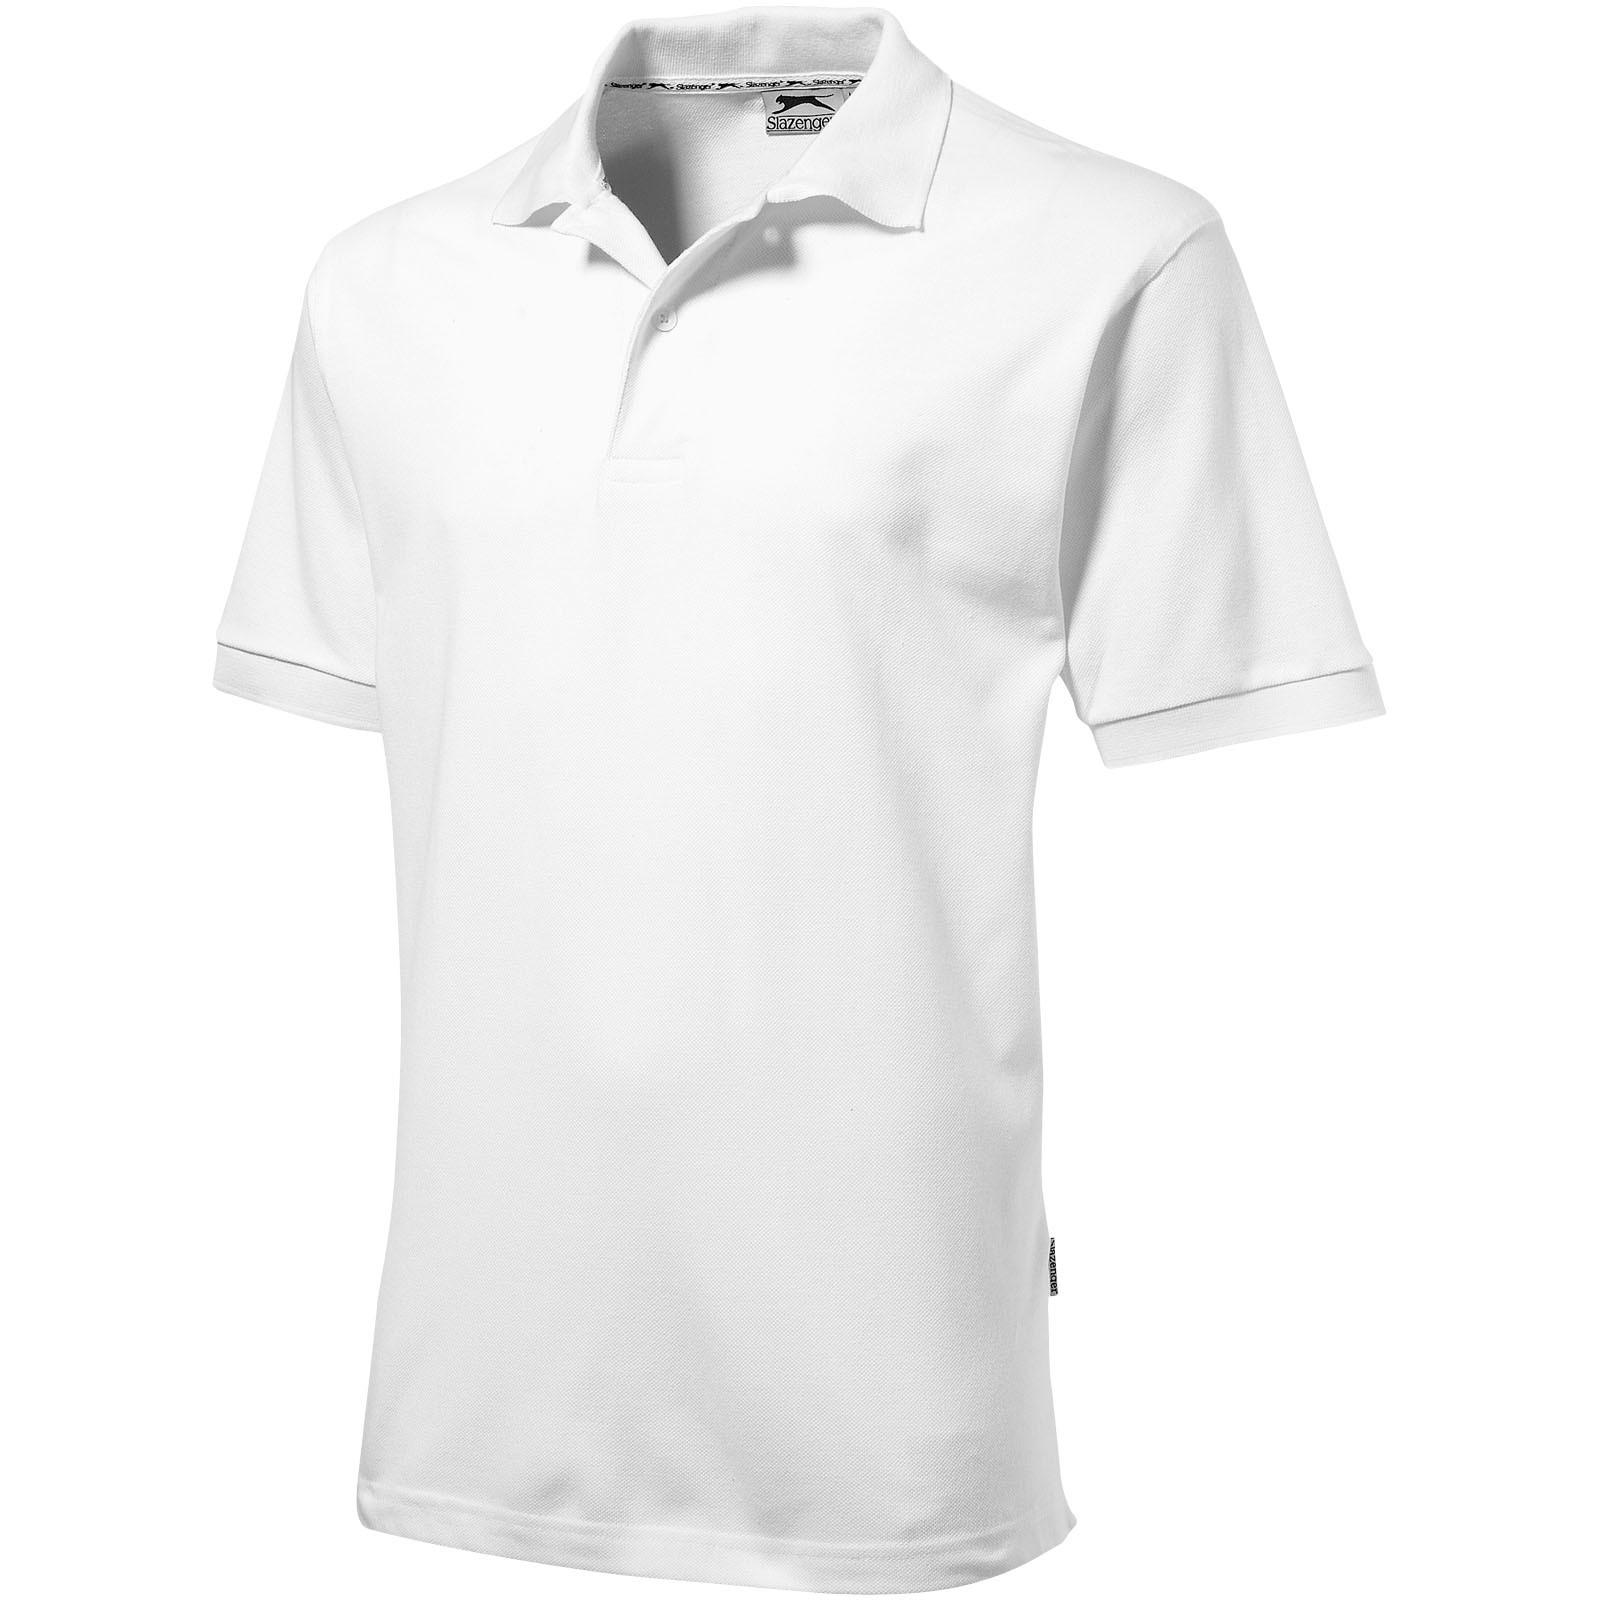 Forehand short sleeve men's polo - White / S